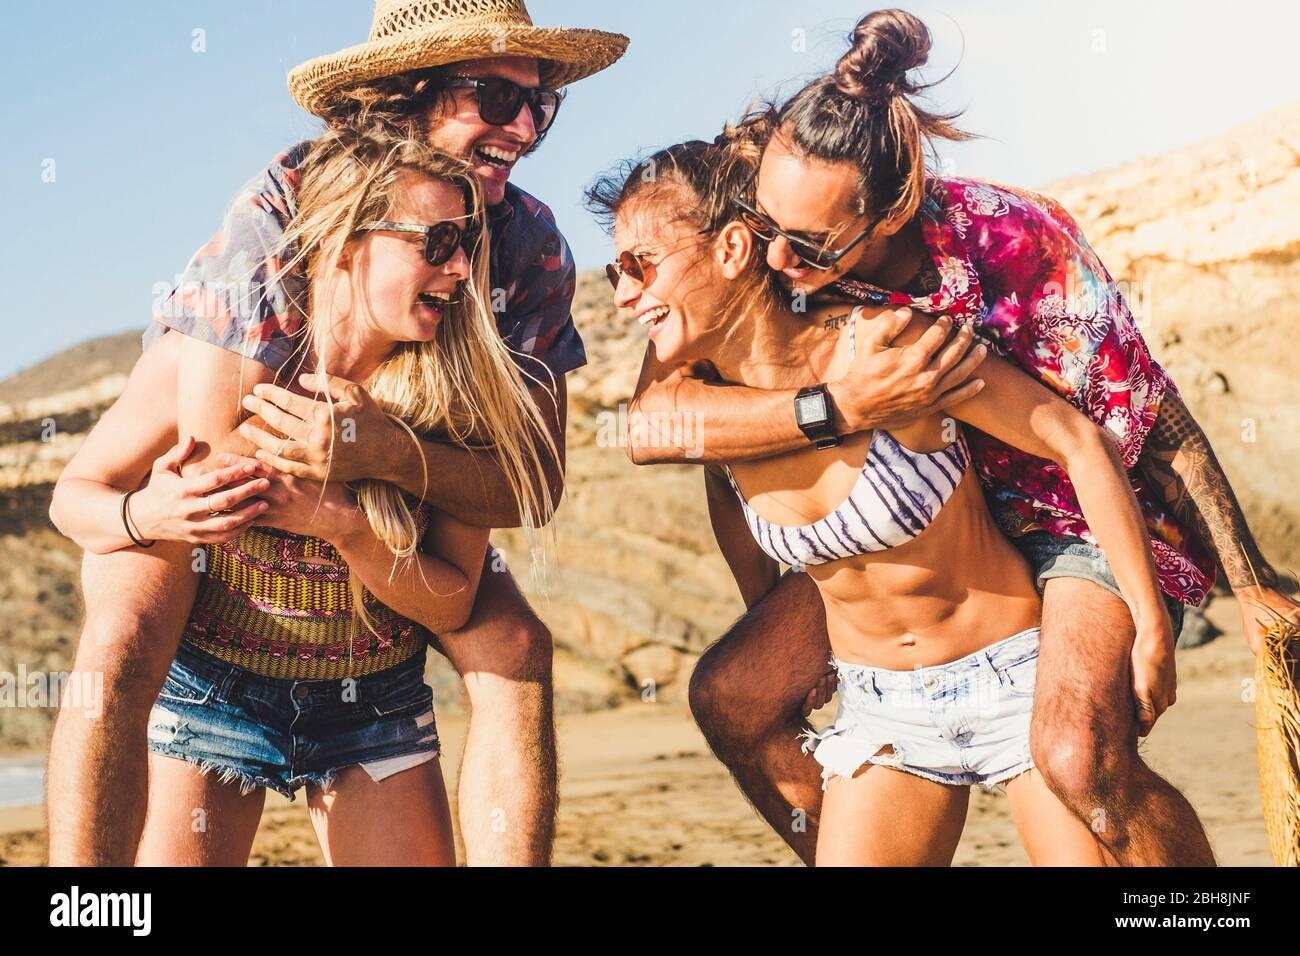 Fröhlich fröhliche Gruppe von Menschen Freunde lachen viel draußen am Strand - Sommer Reise Urlaubskonzept mit Frauen tragen Männer - Sonne und lustigen Lebensstil für alternative Millennial - schöner Resort-Ort Stockfoto